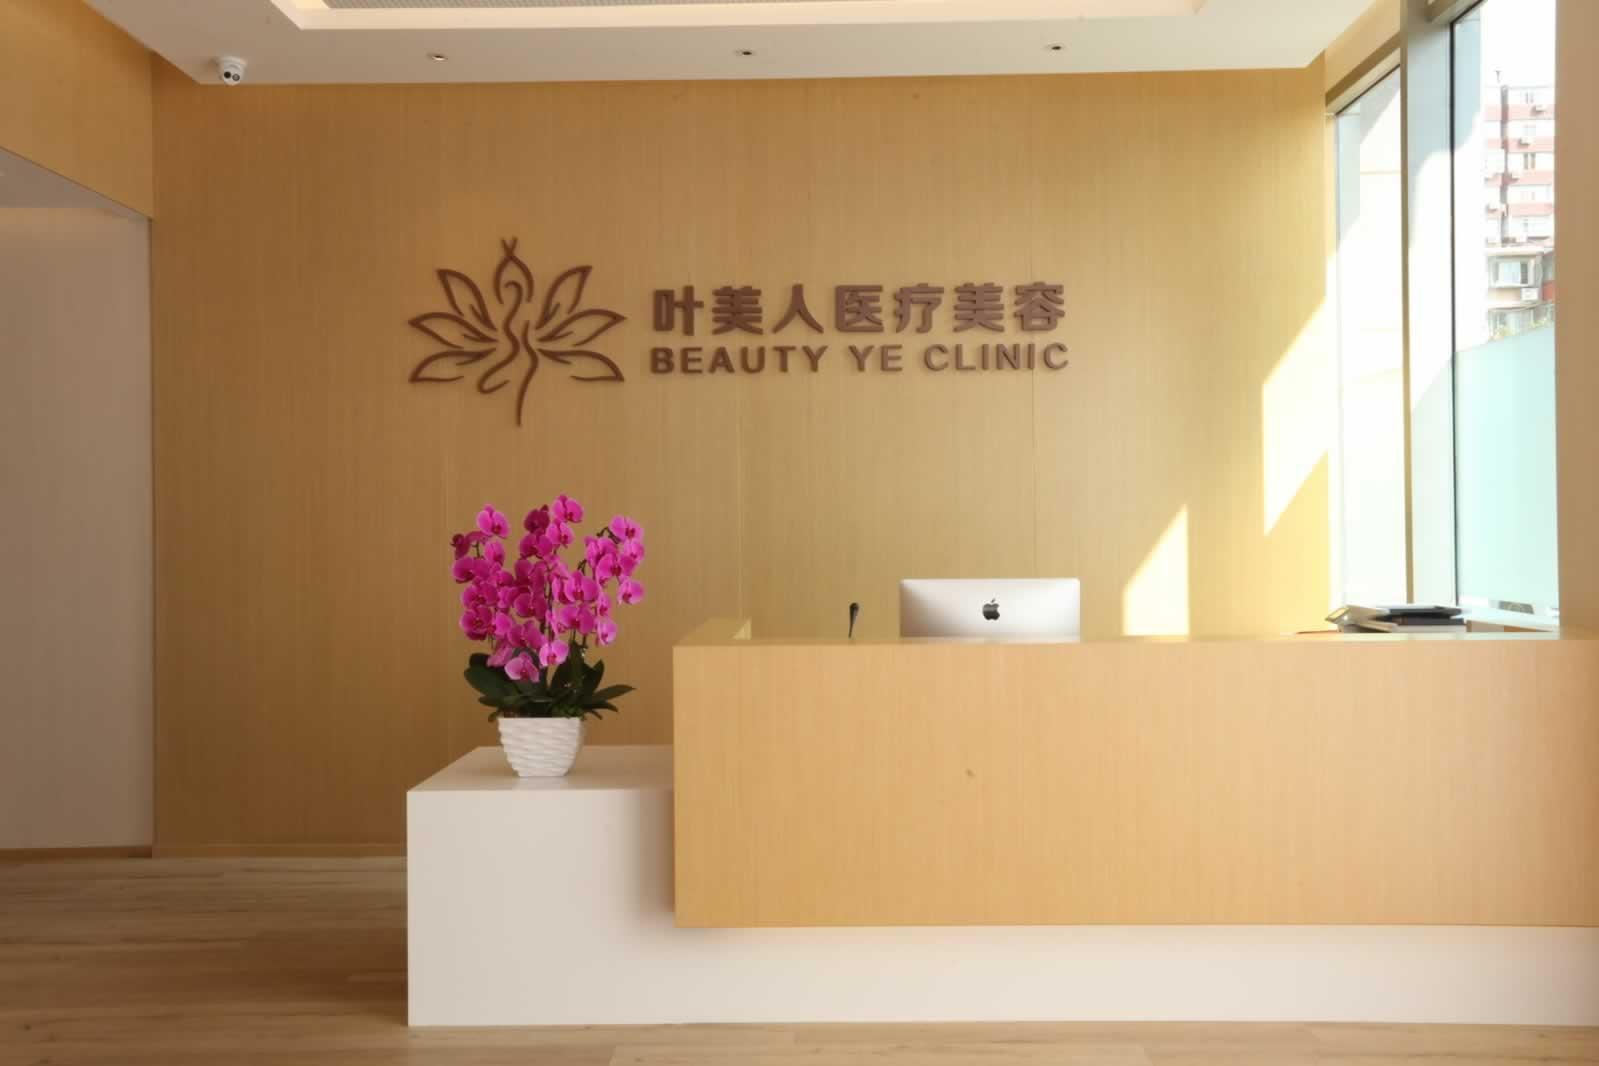 北京叶美人整形美容医院口碑如何?不是骗人的!